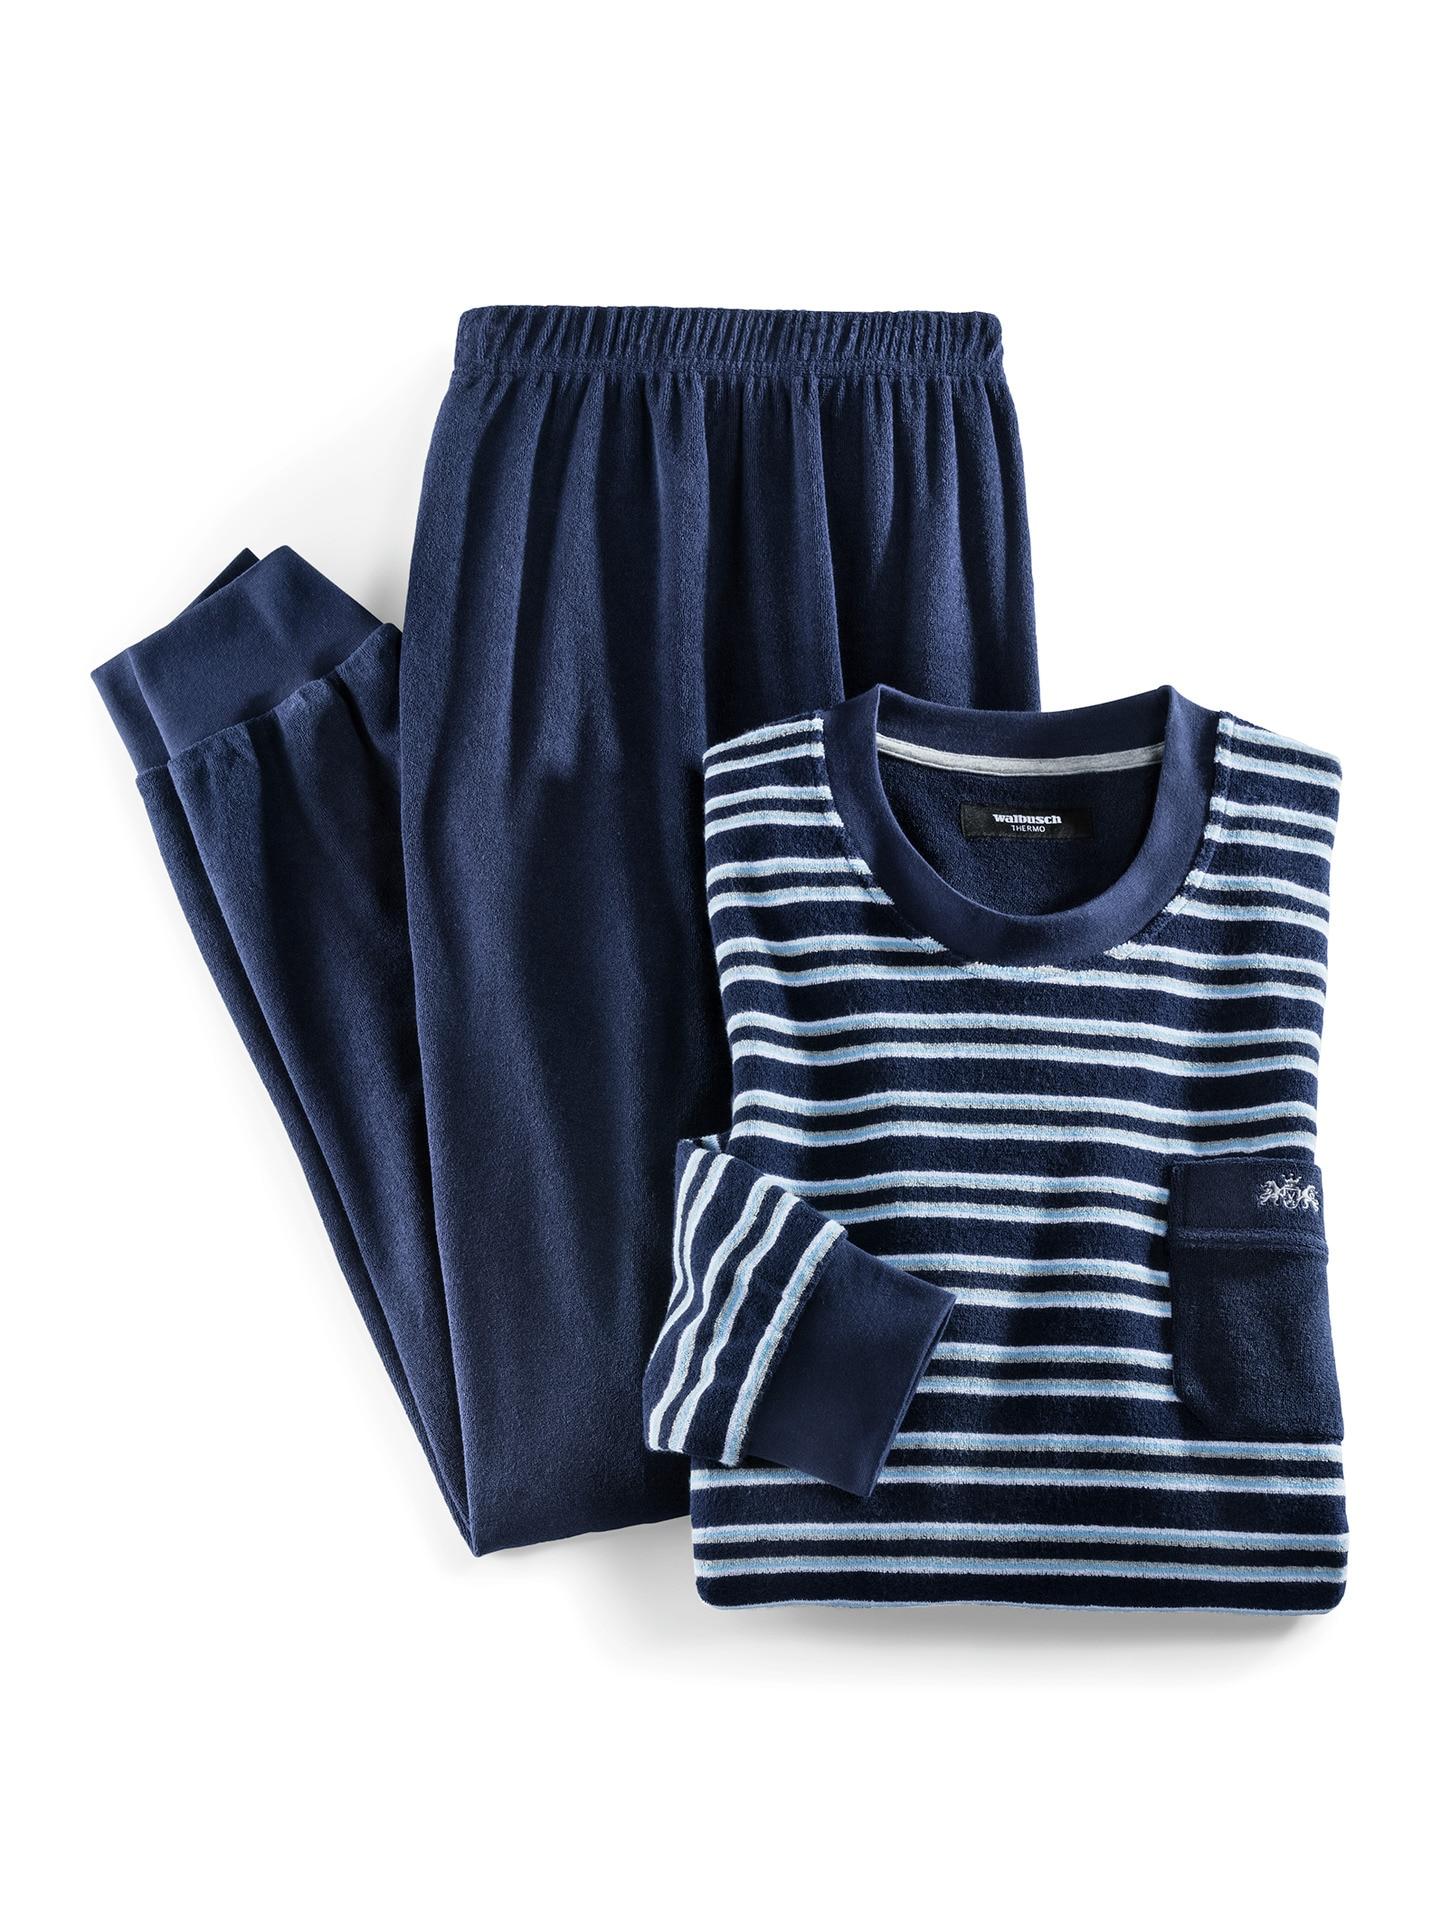 Walbusch Herren Pyjama Thermo Blau gestreift wärmend 48, 50, 52, 54, 56, 58/60, 62/64 22-0638-7_MV8880